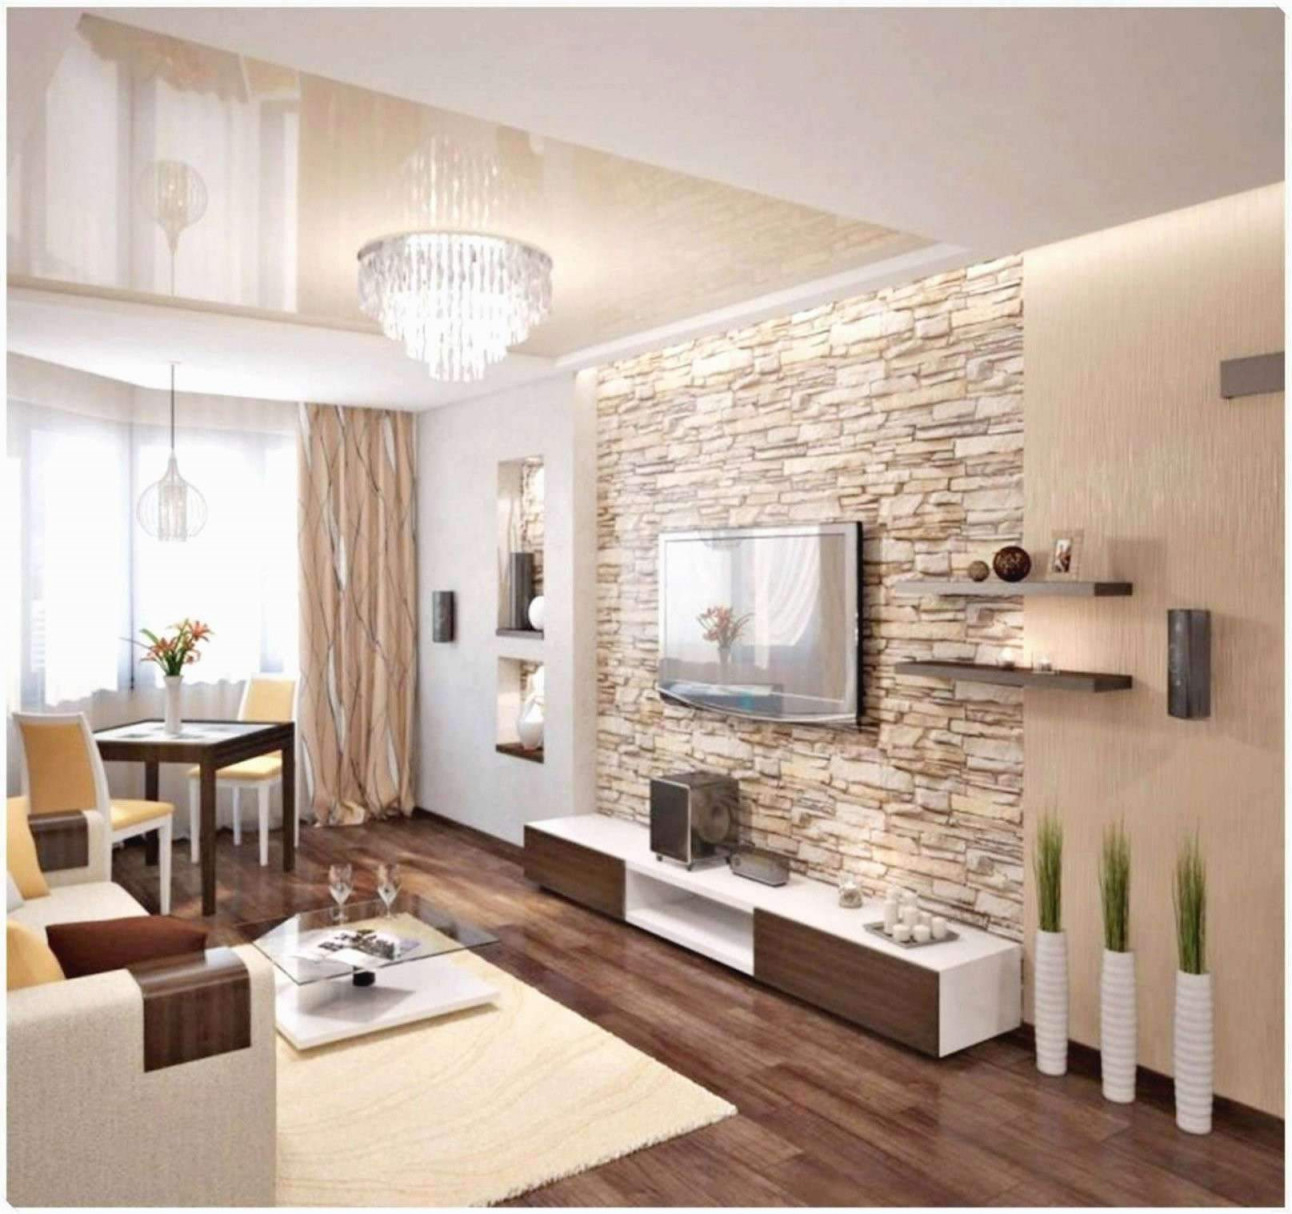 29 Luxus Wohnzimmer Einrichten Ideen Genial  Wohnzimmer Frisch von Wohnzimmer Holz Ideen Photo